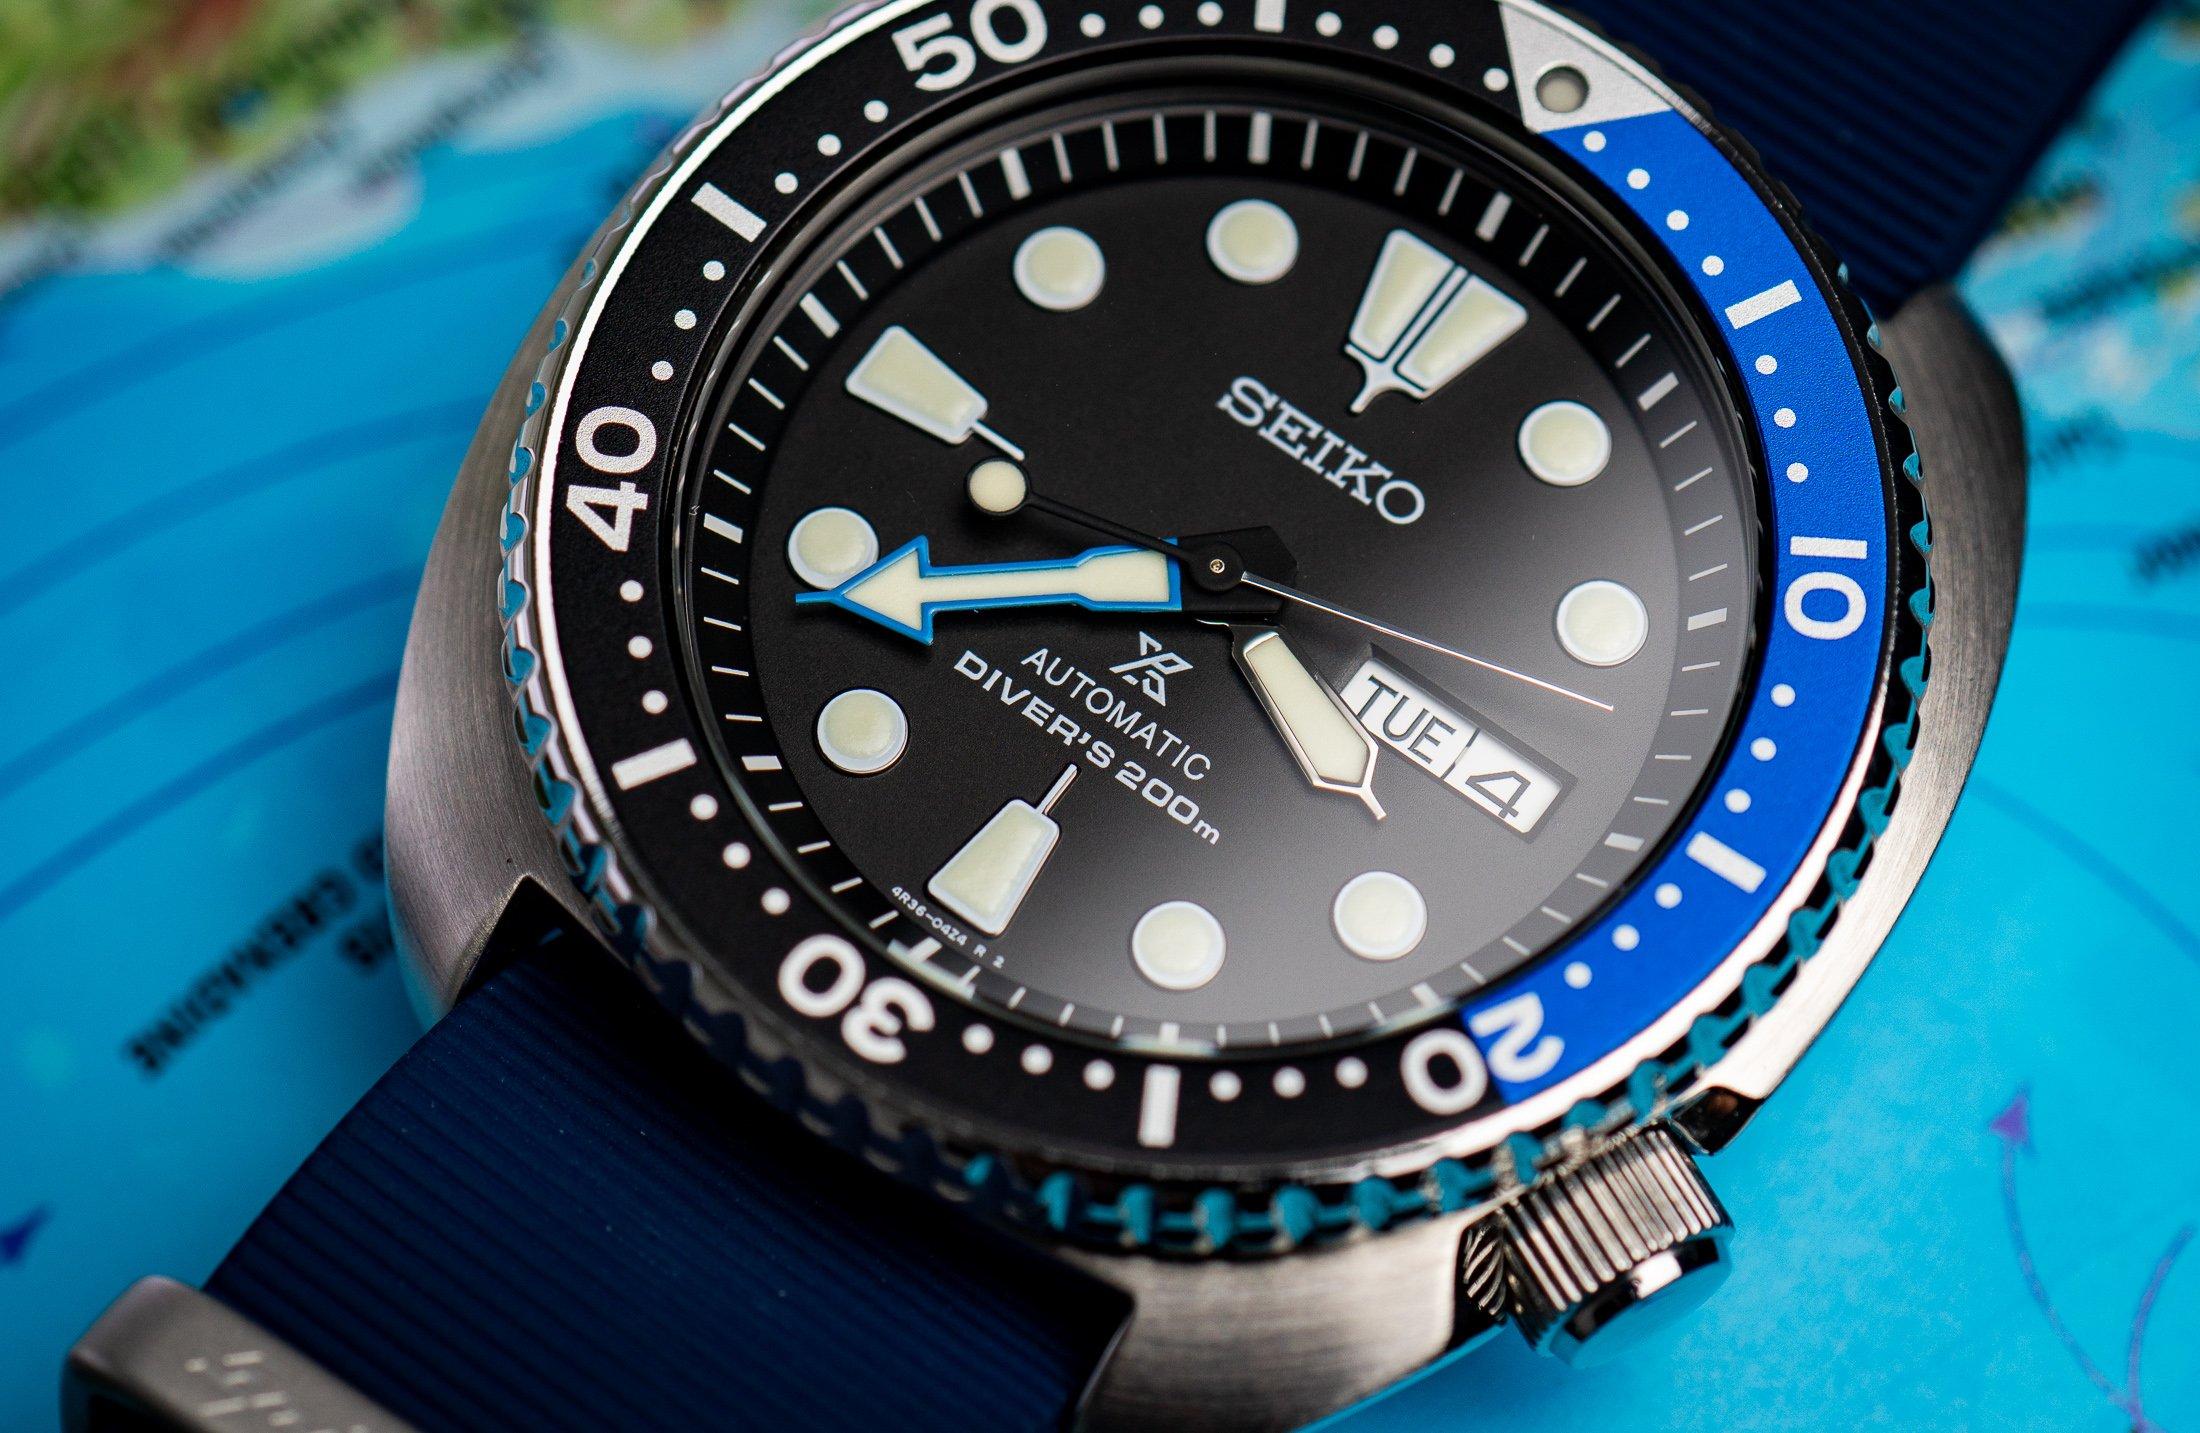 Seiko-Prospex-Automatik-Diver